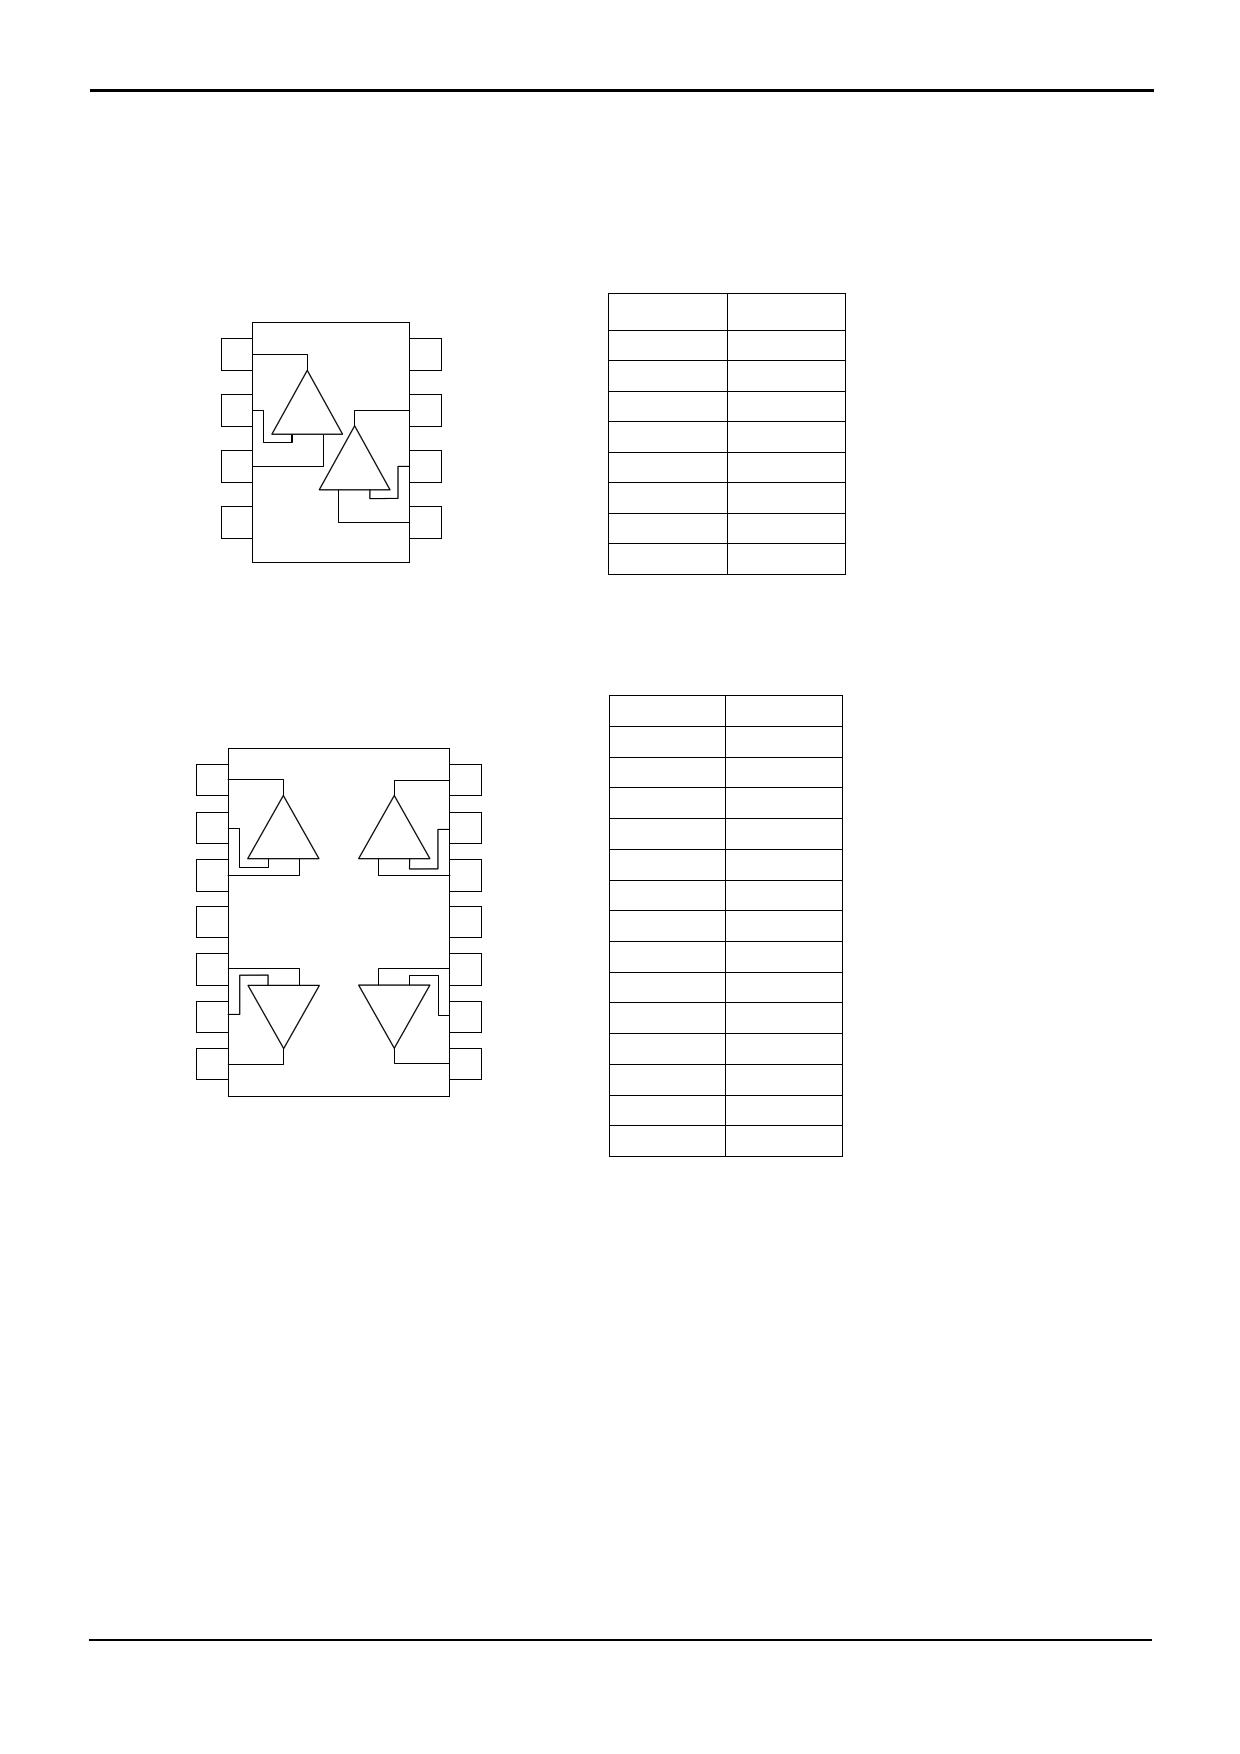 TLR344FVJ pdf, schematic